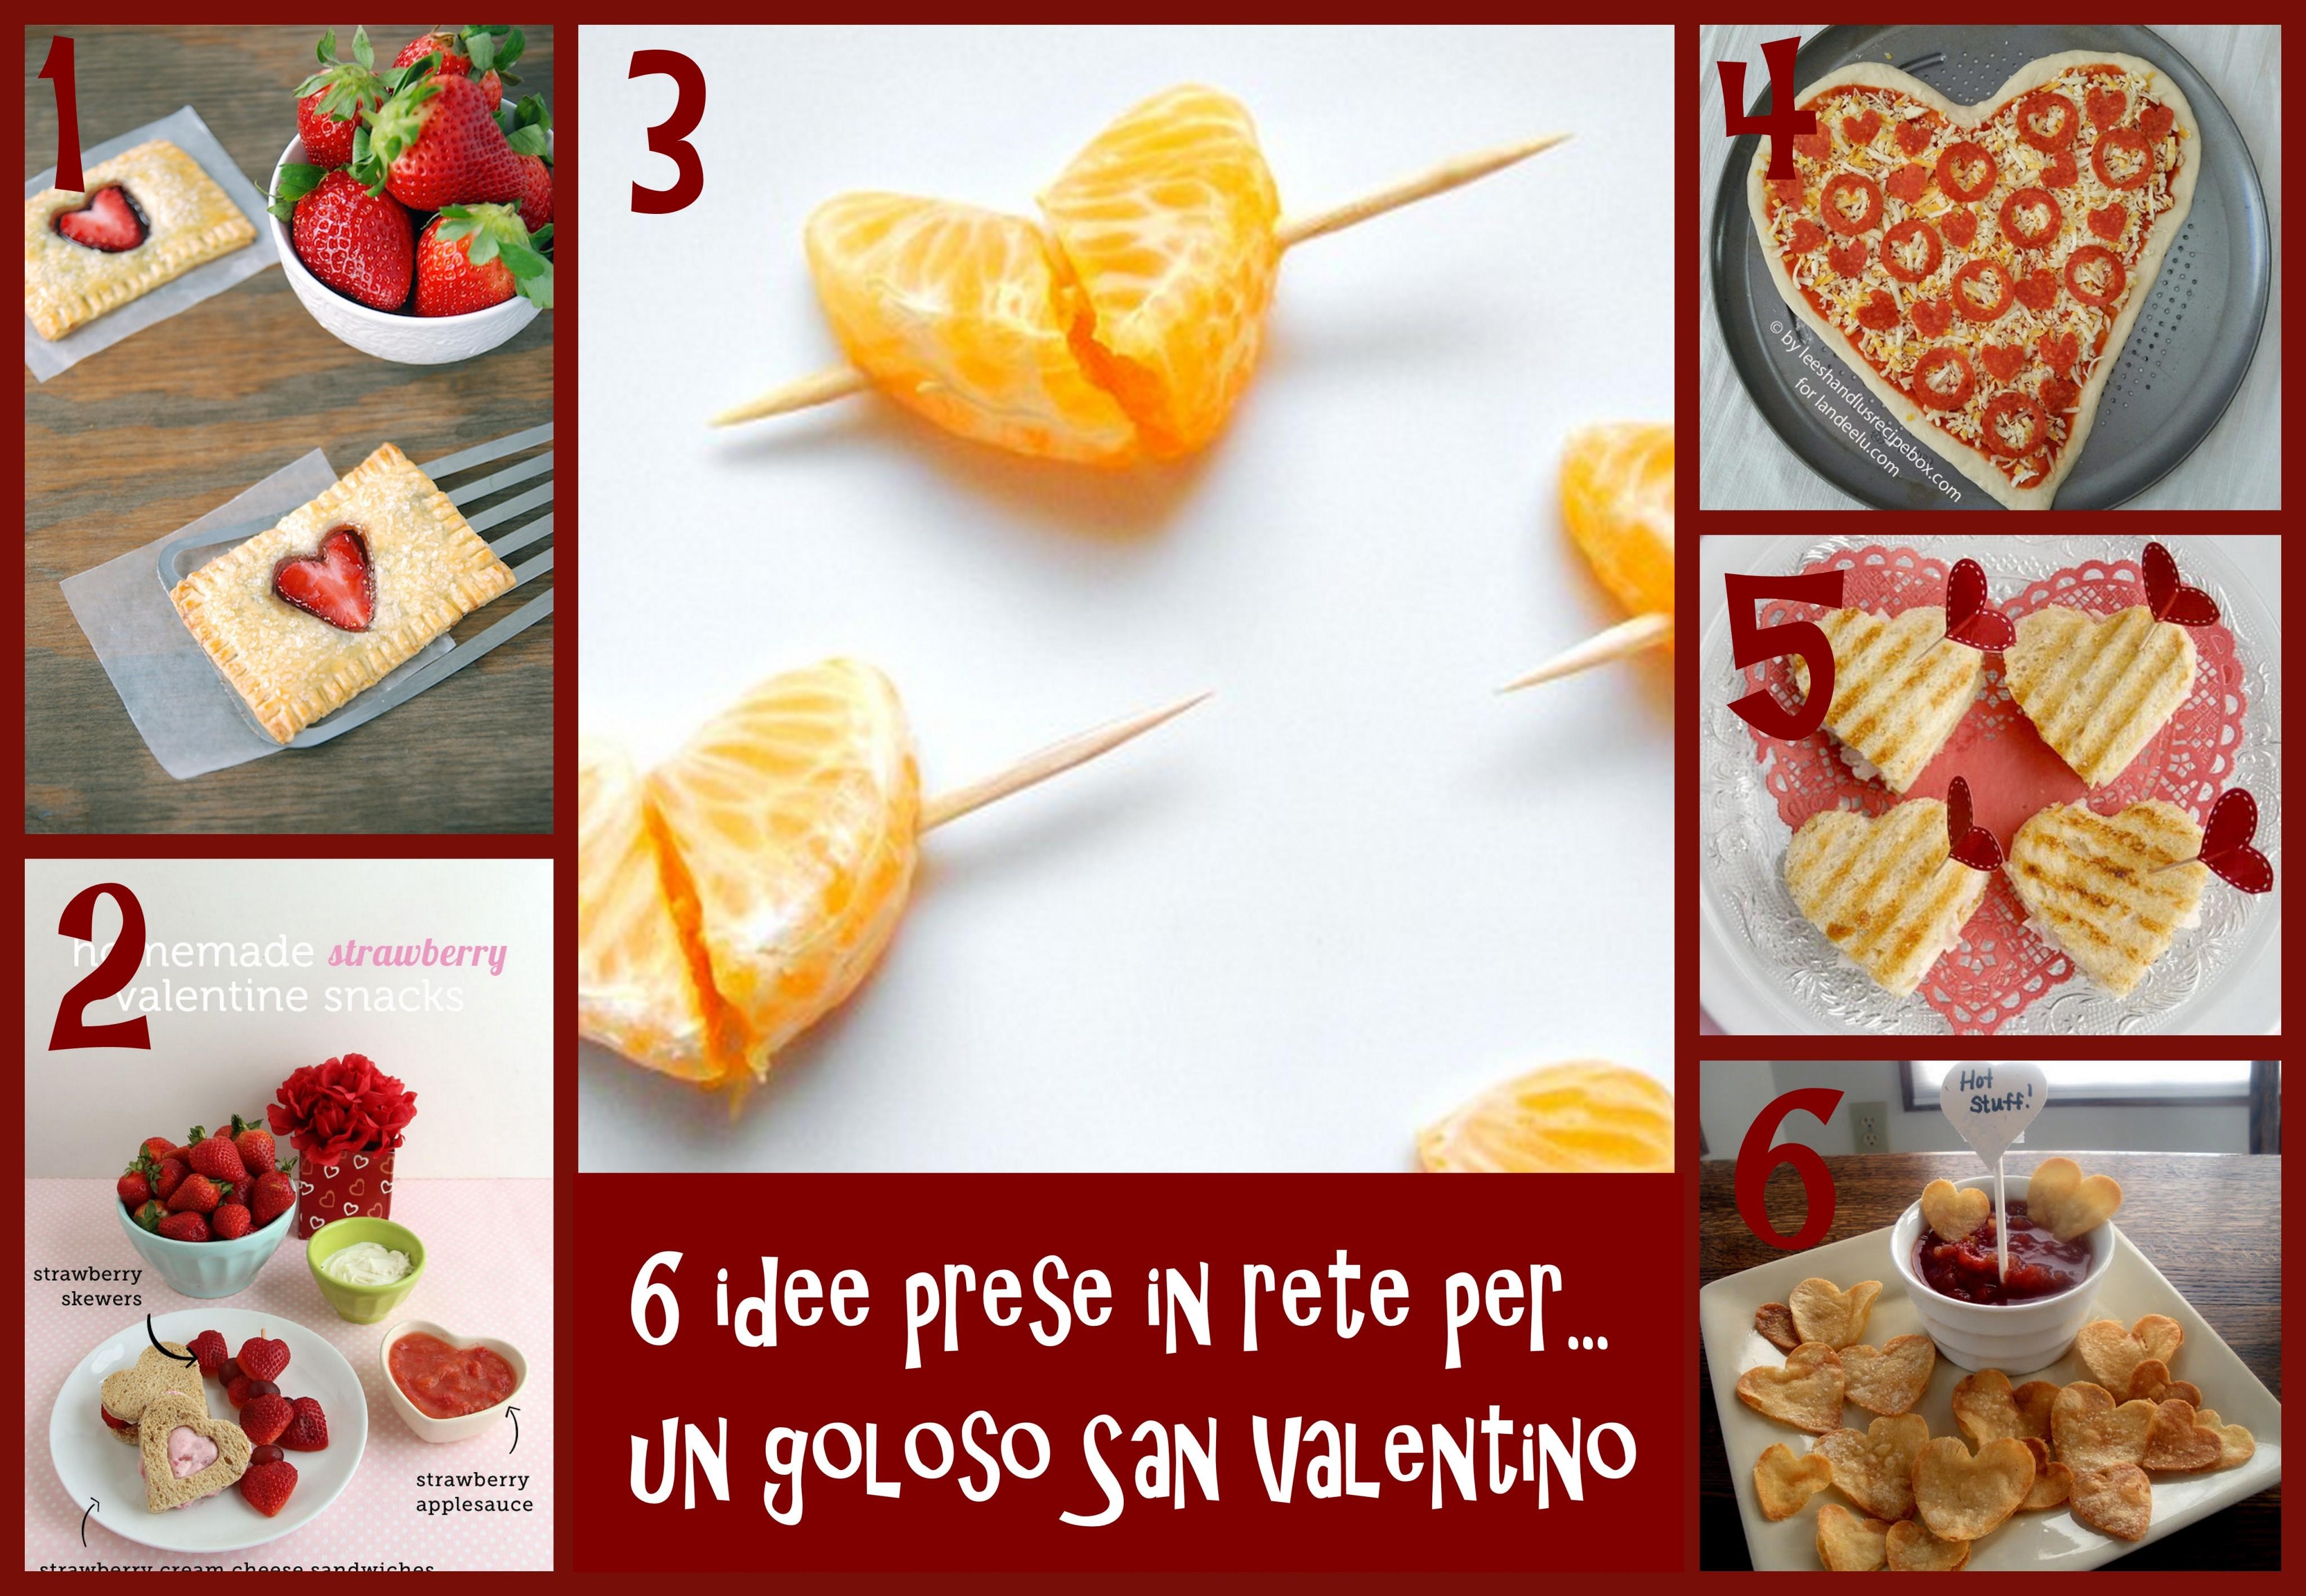 idee menu goloso e veloce per san valentino